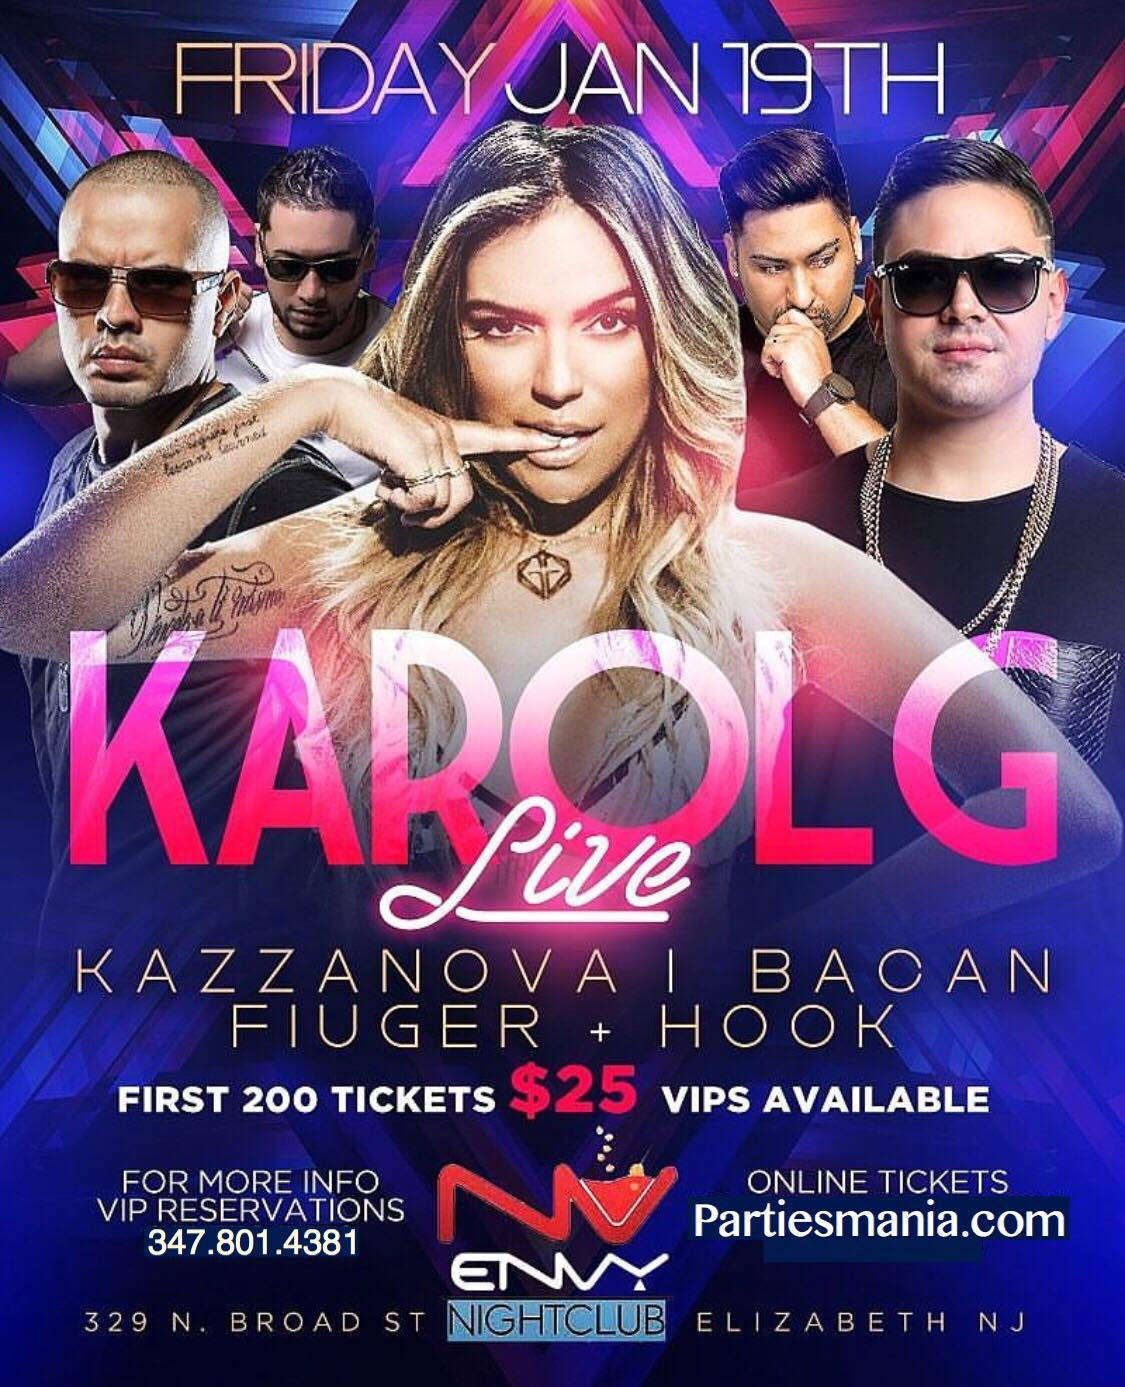 karol g live at envy nightclub